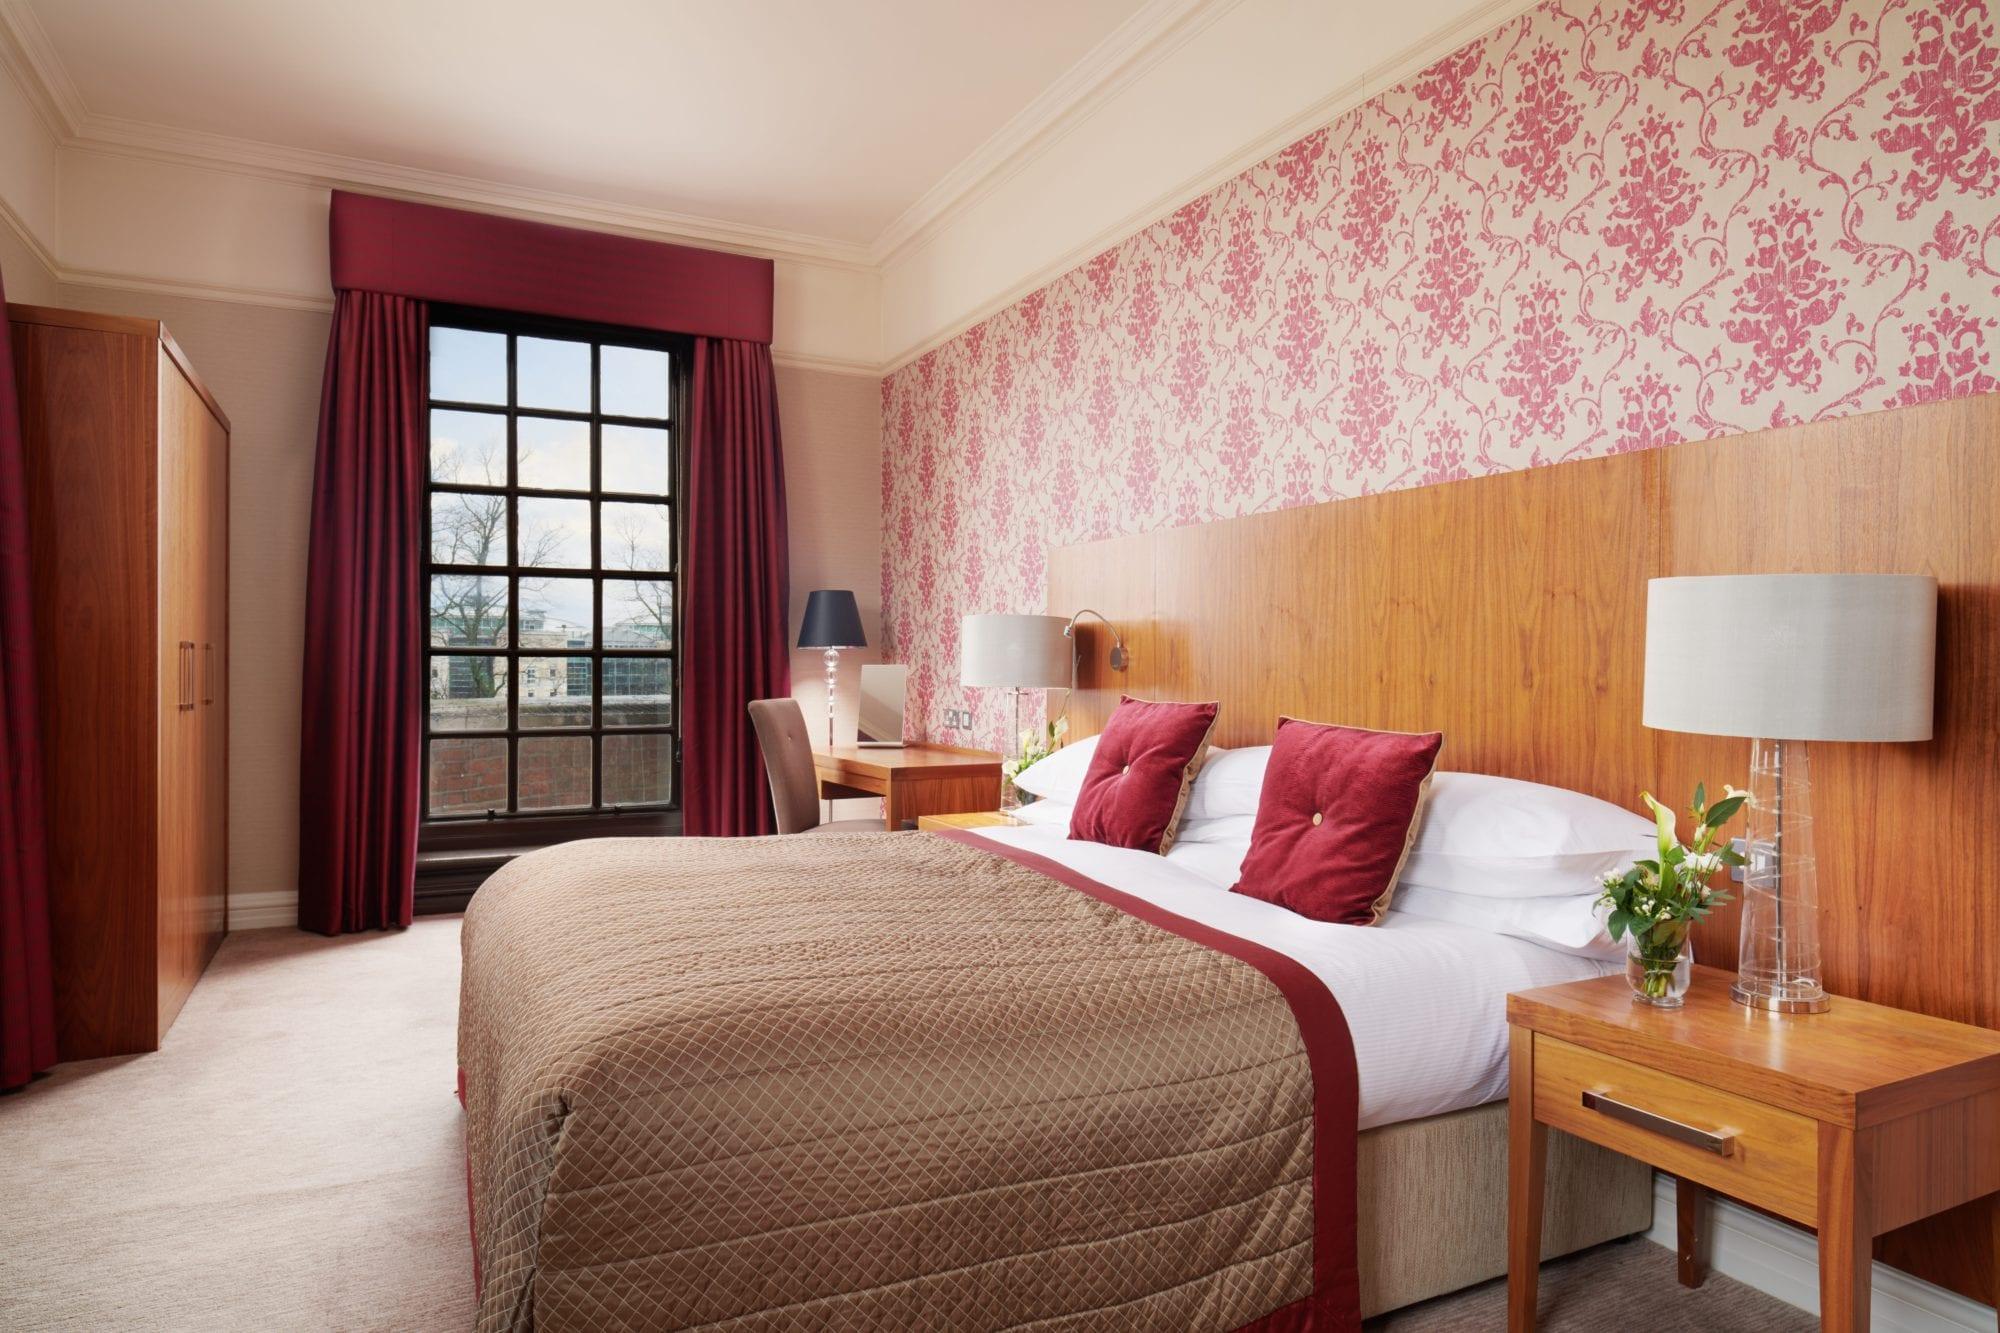 Grand Heritage – 230 Bedroom